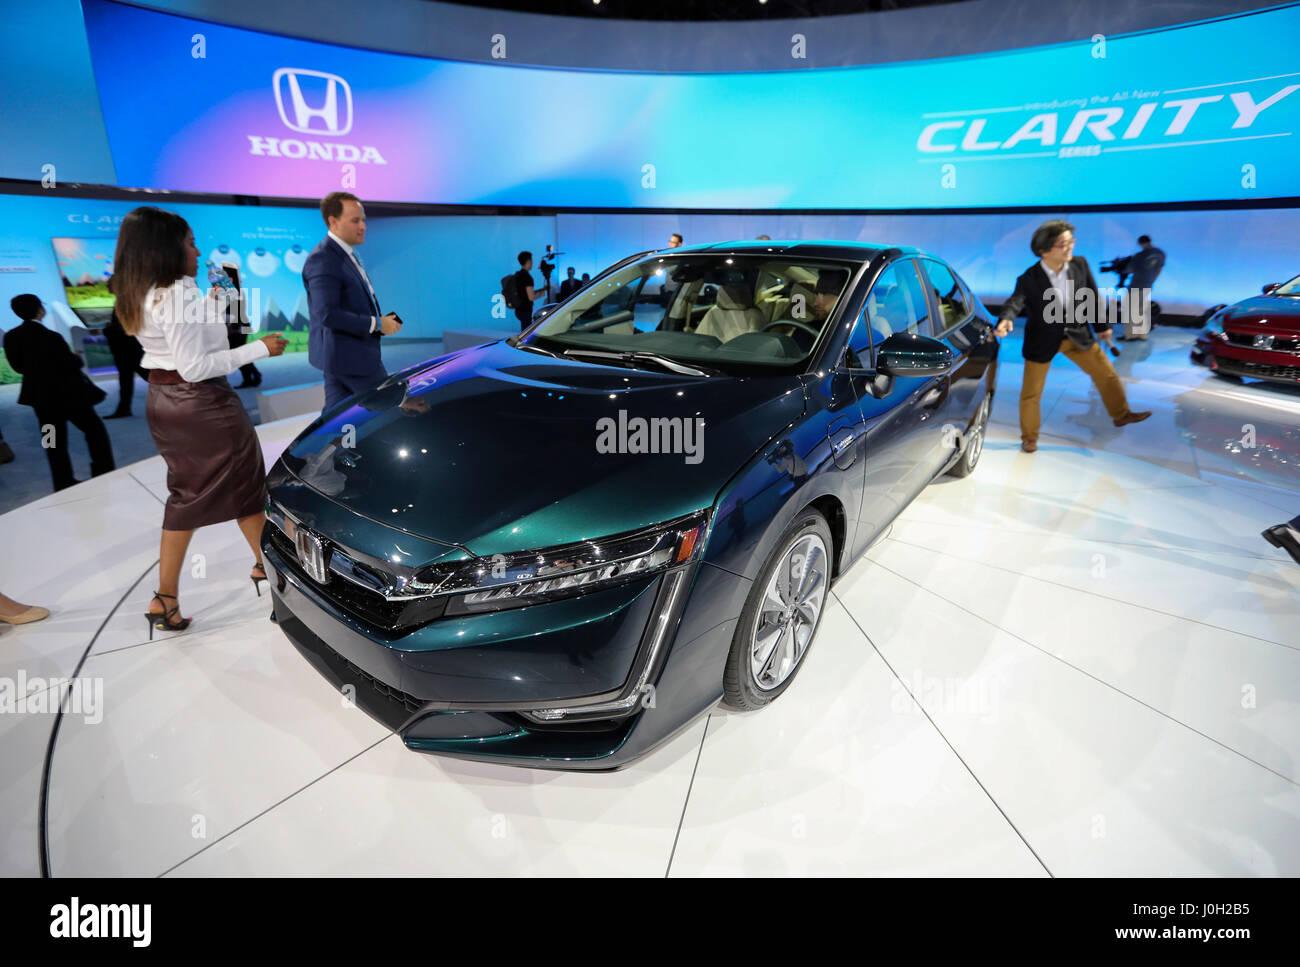 New York, Stati Uniti d'America. Xii Apr, 2017. Una Honda chiarezza Plug-in automobile ibrida è visto durante Immagini Stock